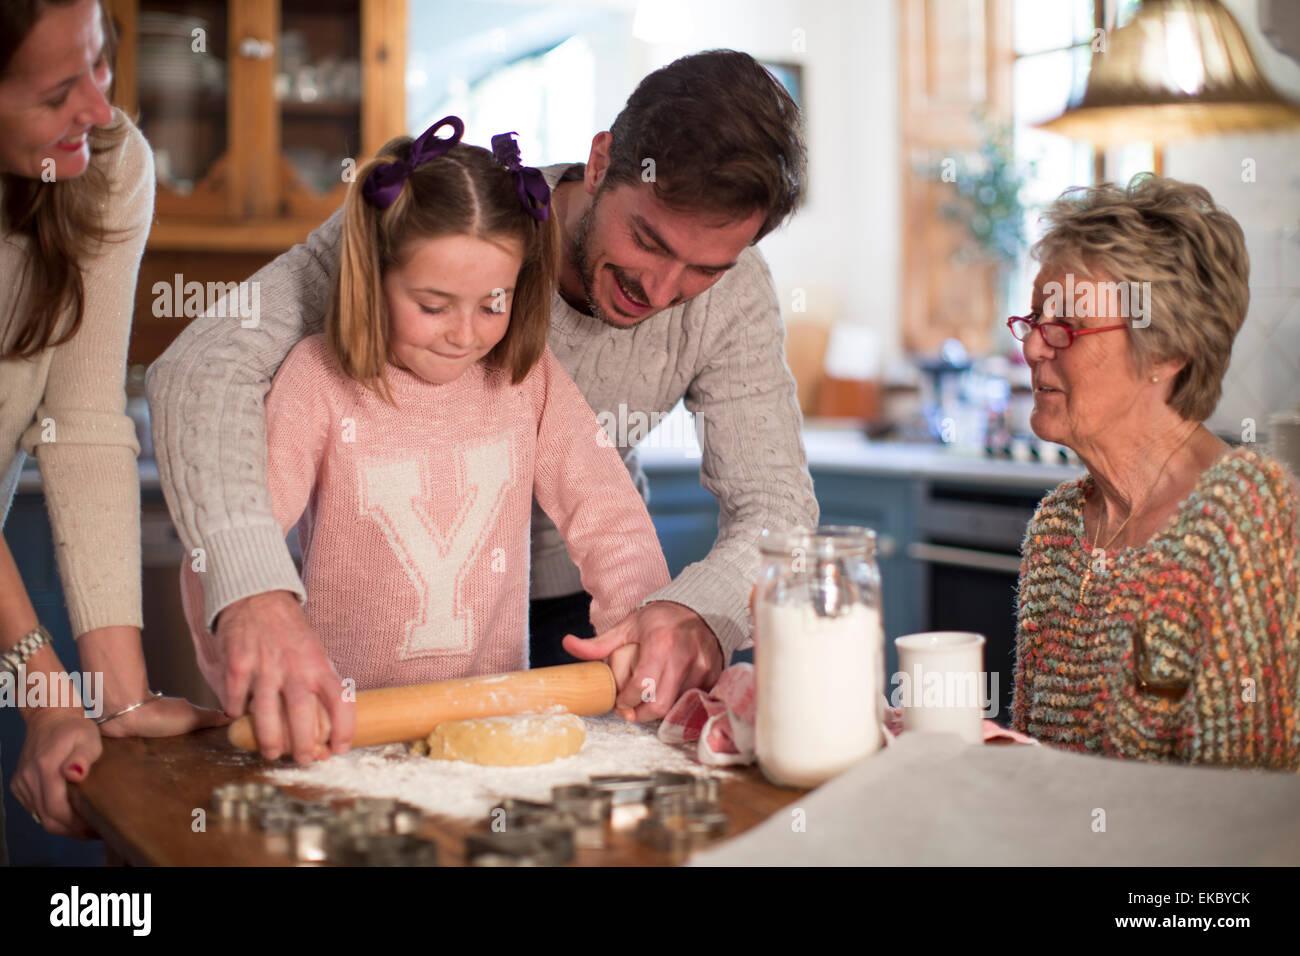 Père et fille la pâte de roulement pour faire des biscuits Photo Stock